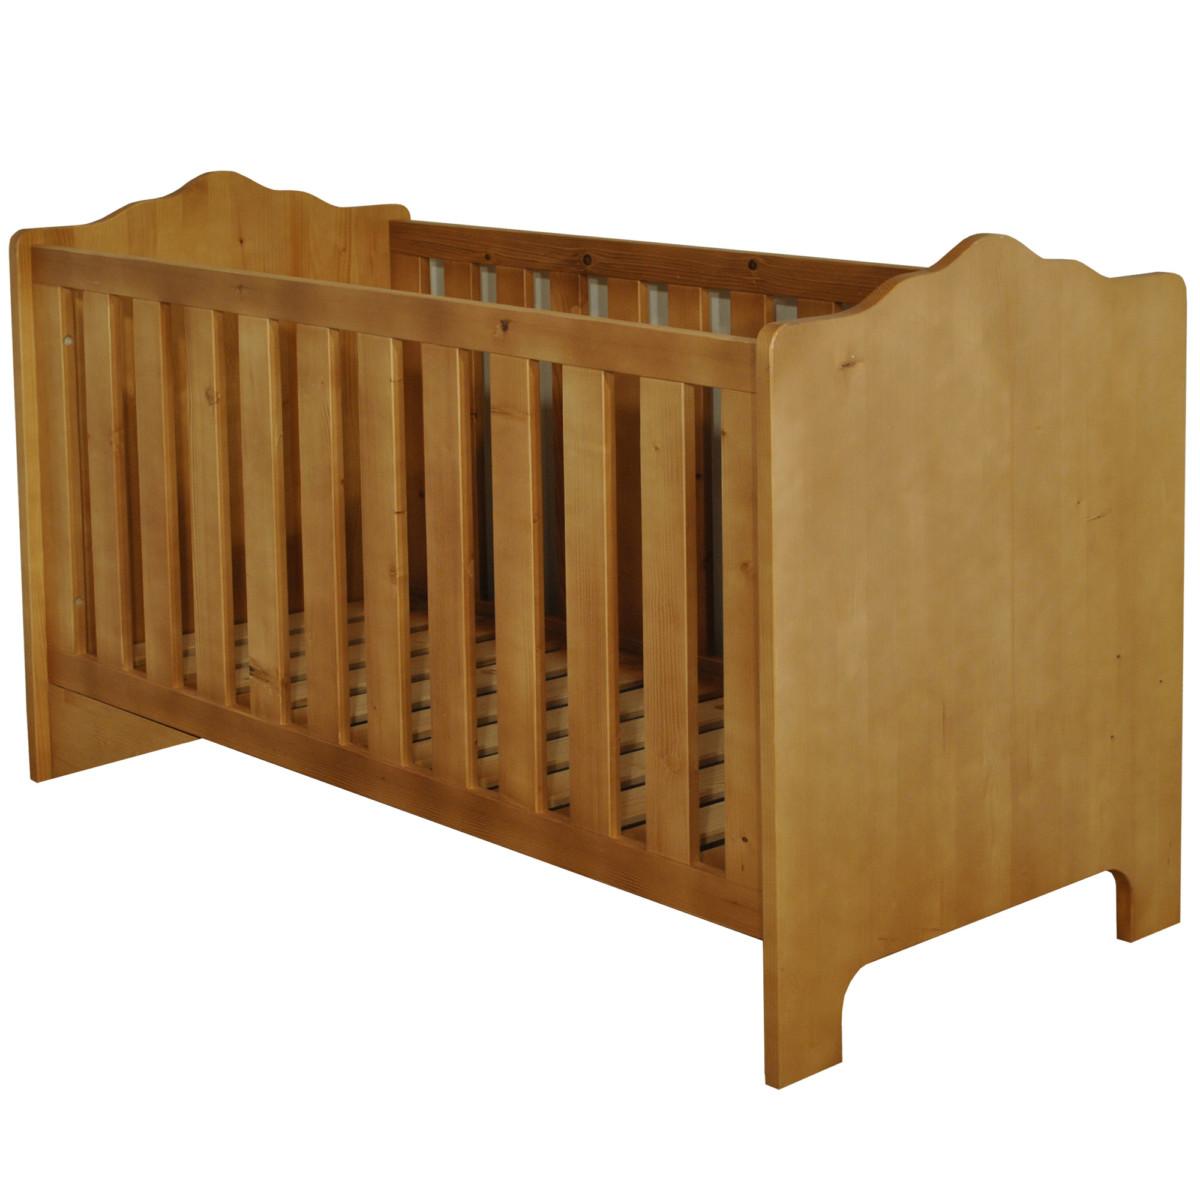 lit cabane topiwall. Black Bedroom Furniture Sets. Home Design Ideas